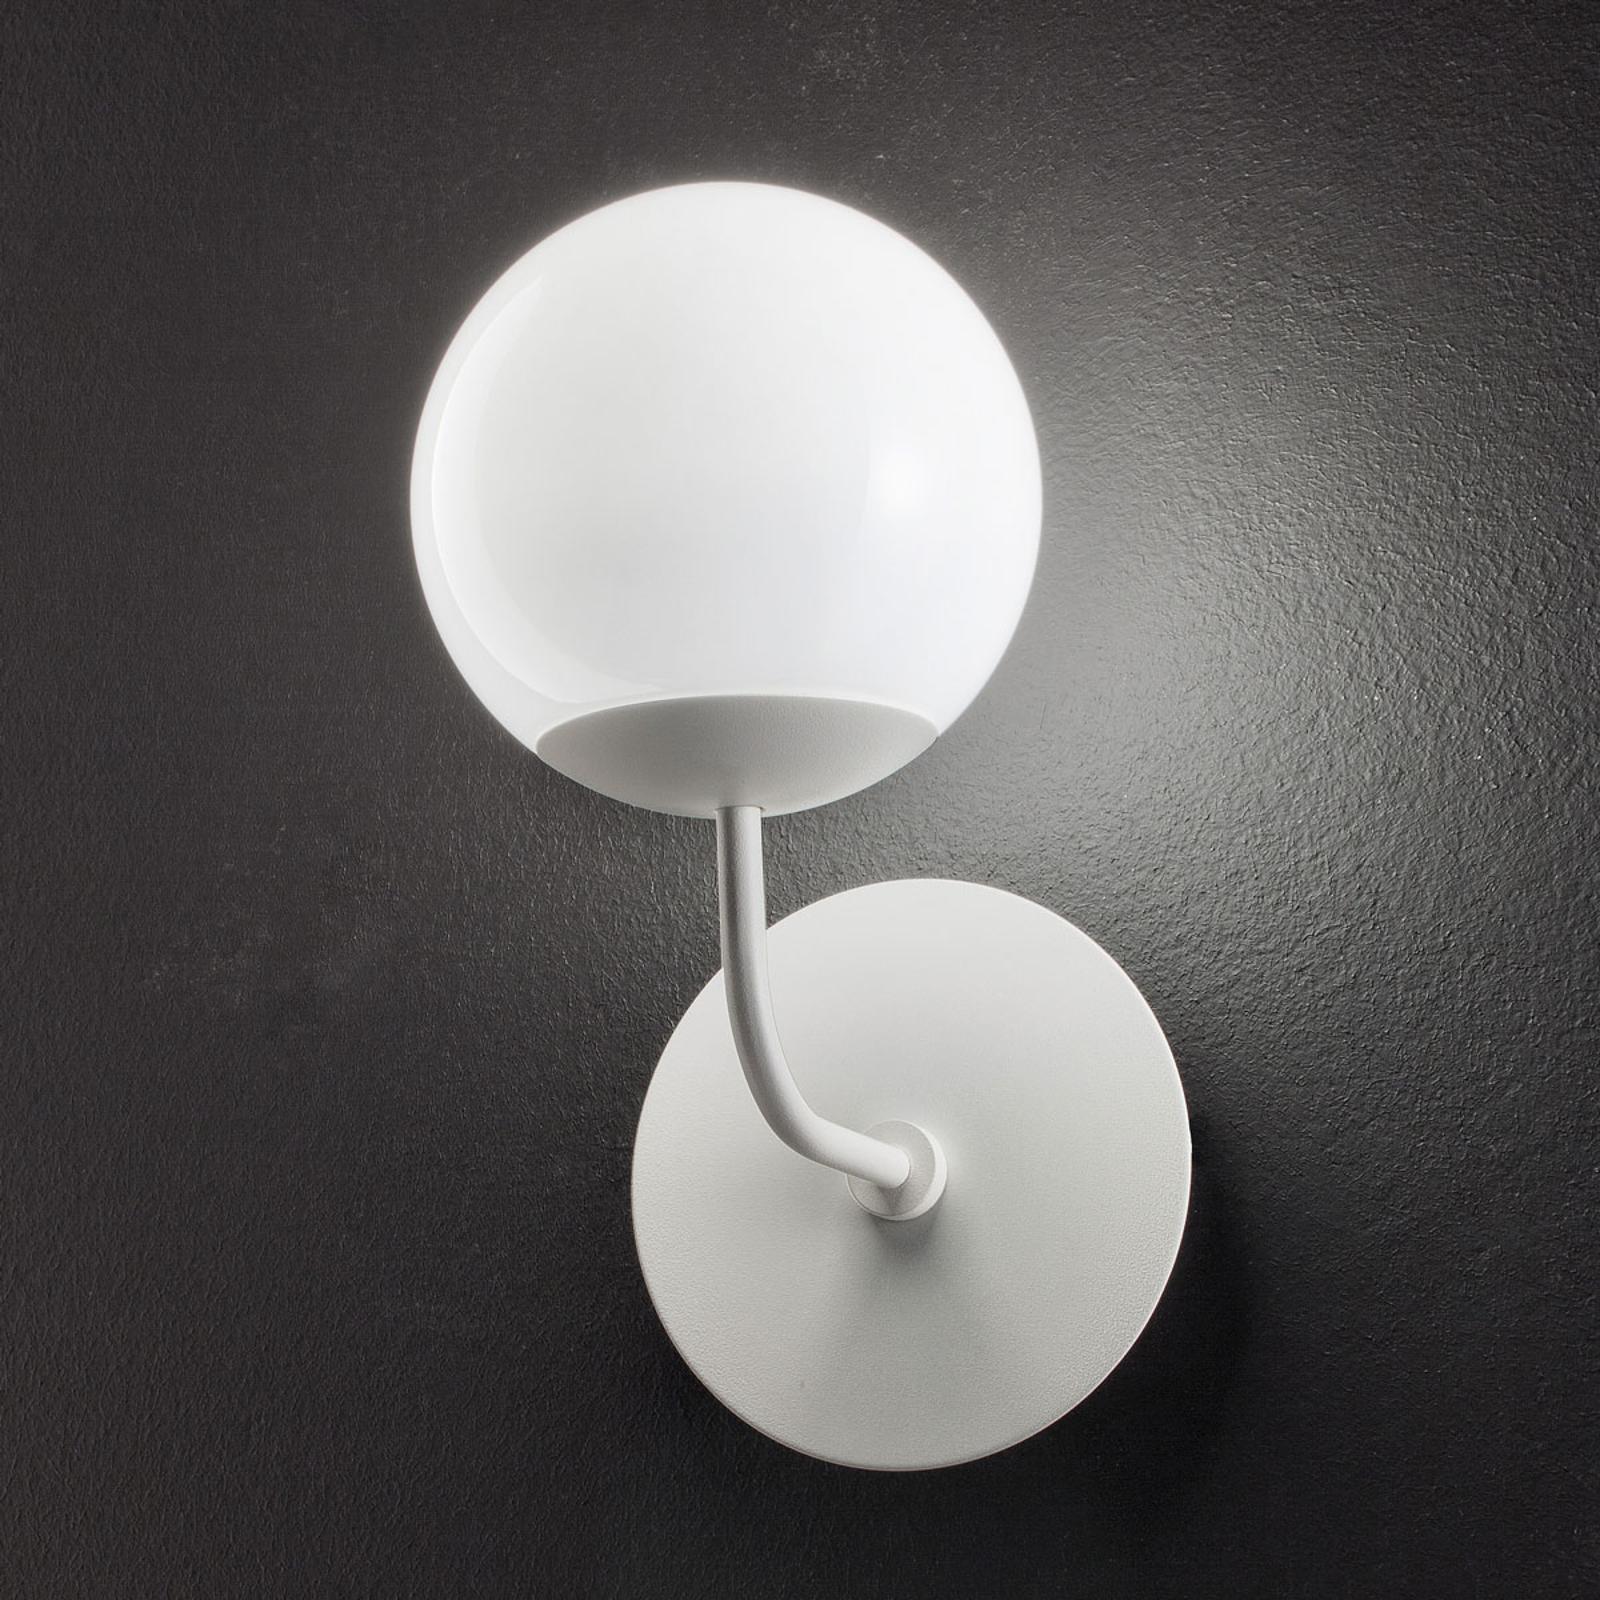 Ronde LED wandlamp Sfera, wit